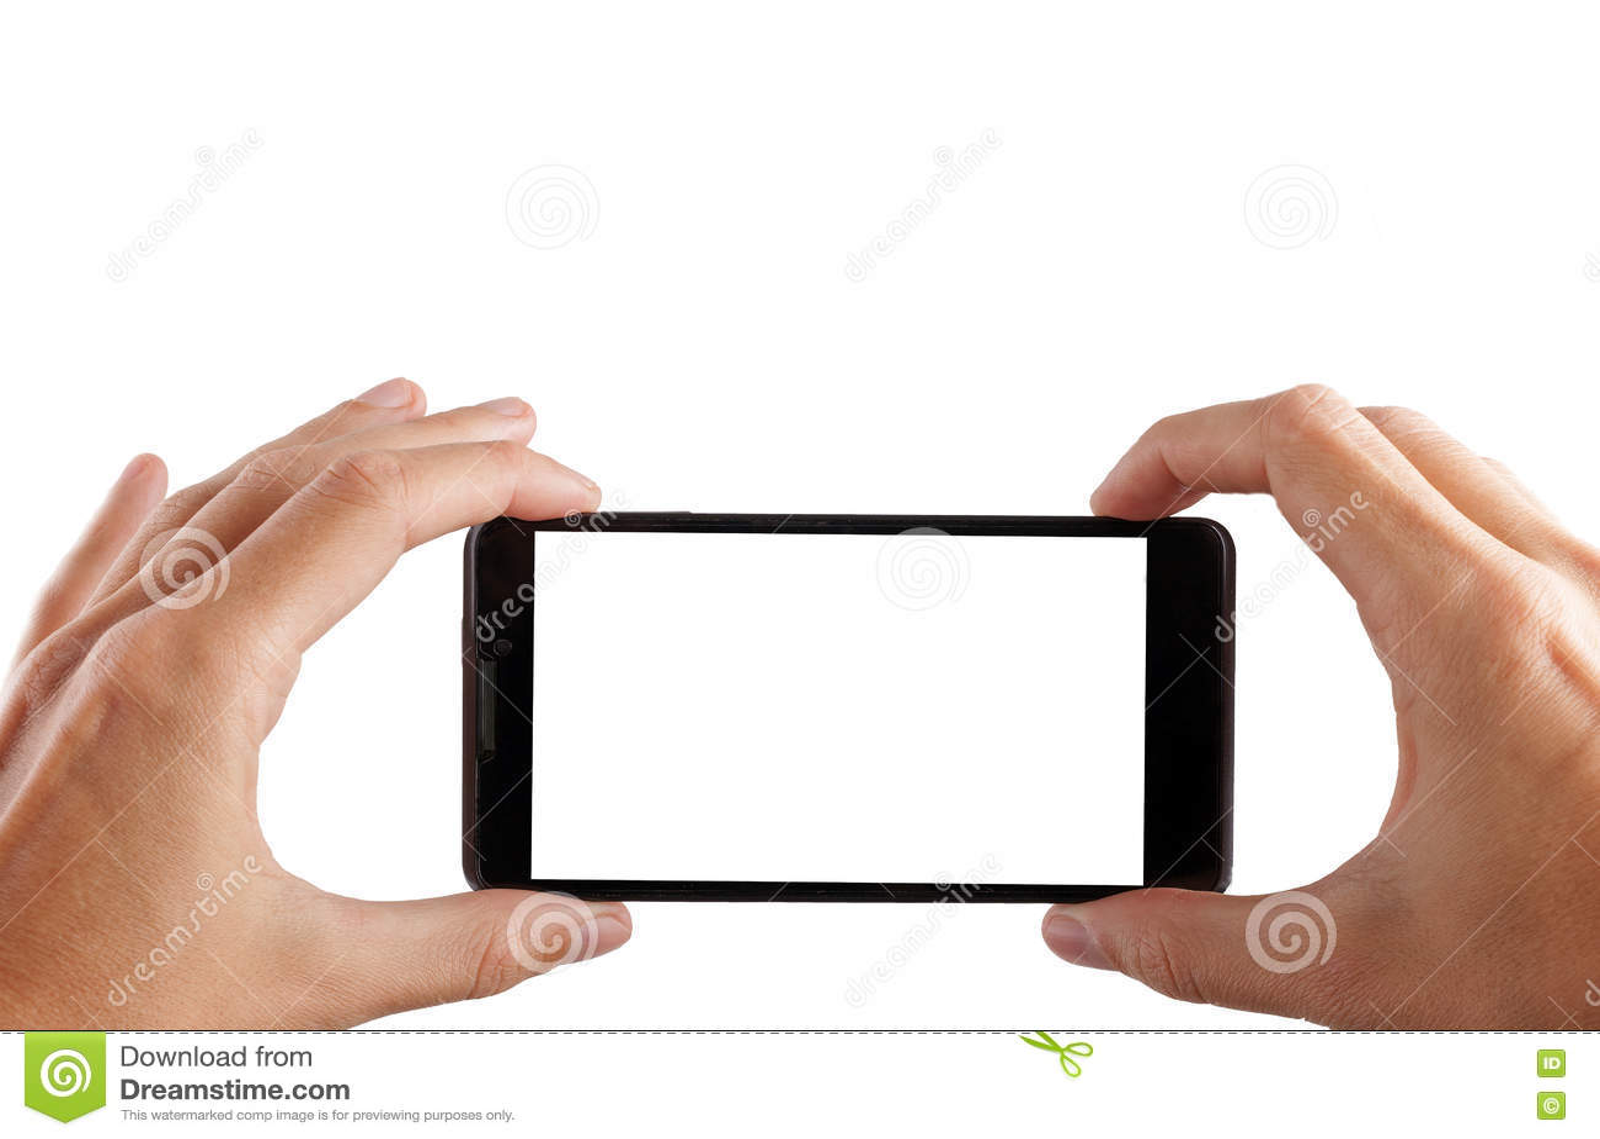 Tomar la imagen con el teléfono móvil, elegante con la trayectoria de recortes para la pantalla